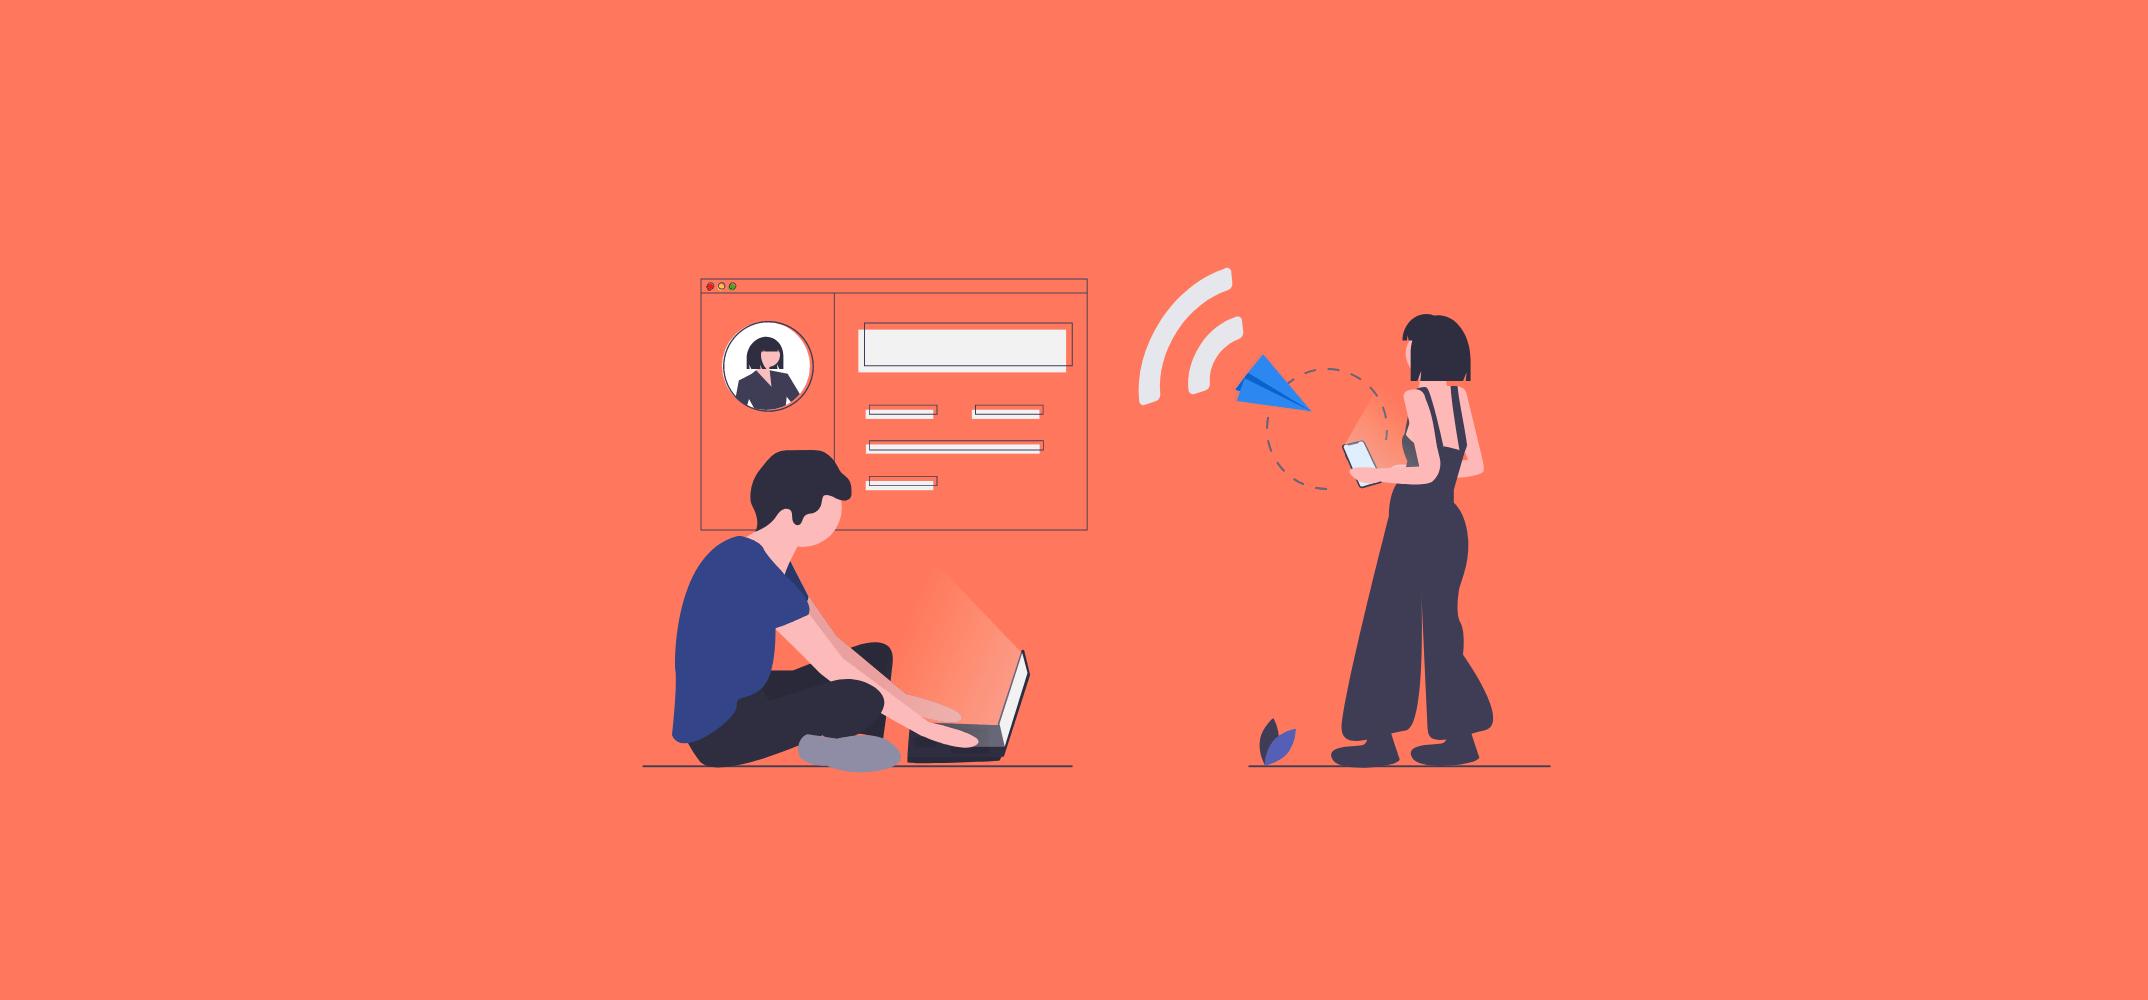 Отправка сообщения через платформу для связи с клиентами